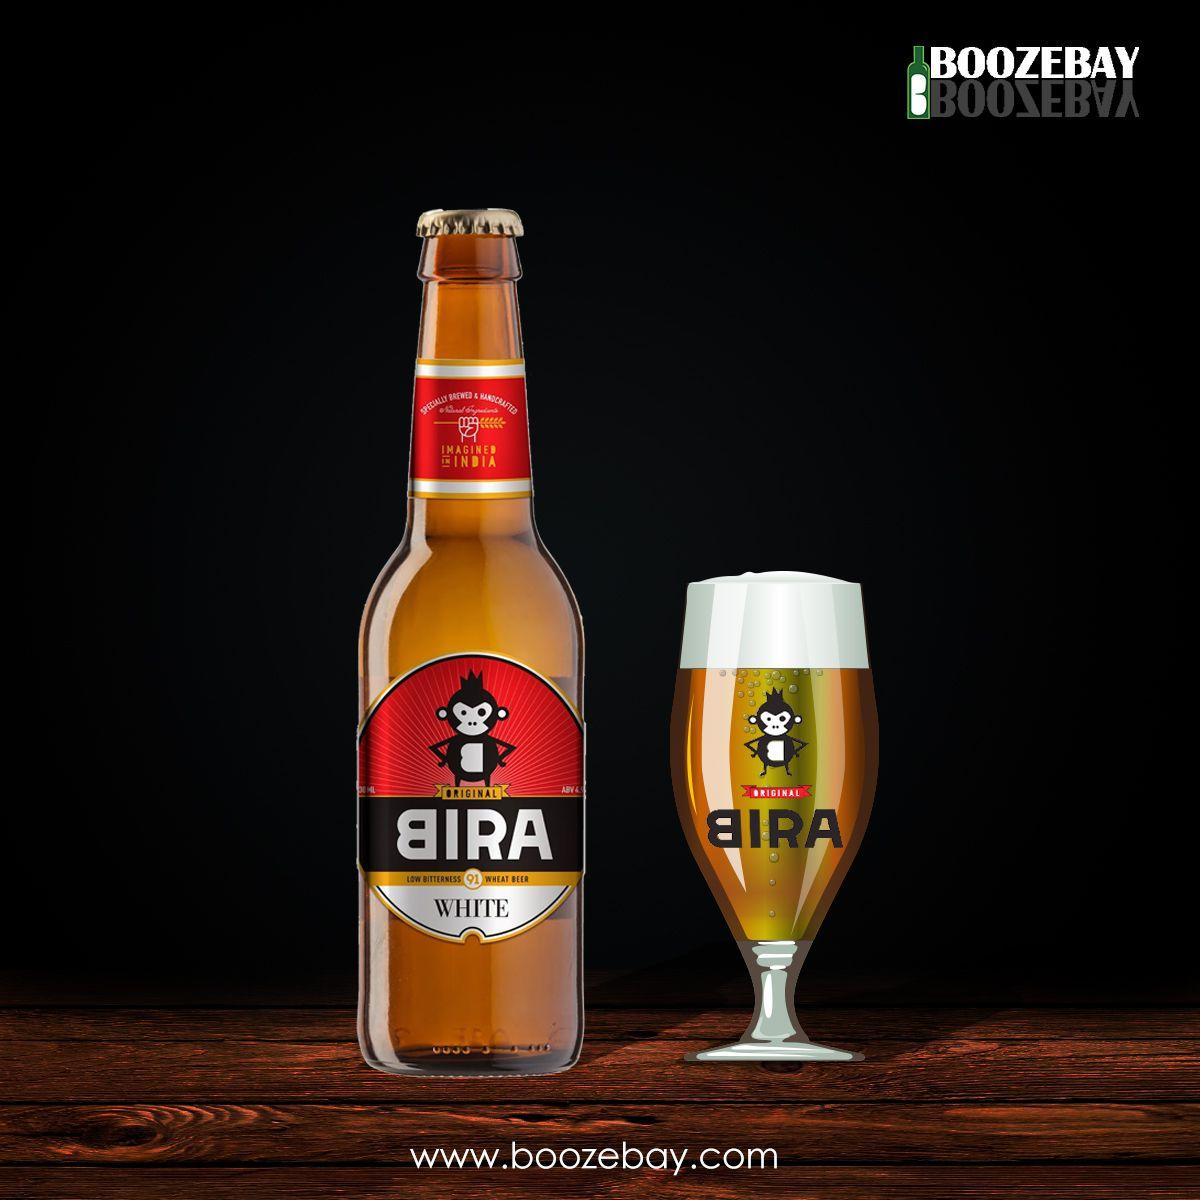 Bira 91 White Beer Beer, Different types of beer, Beer